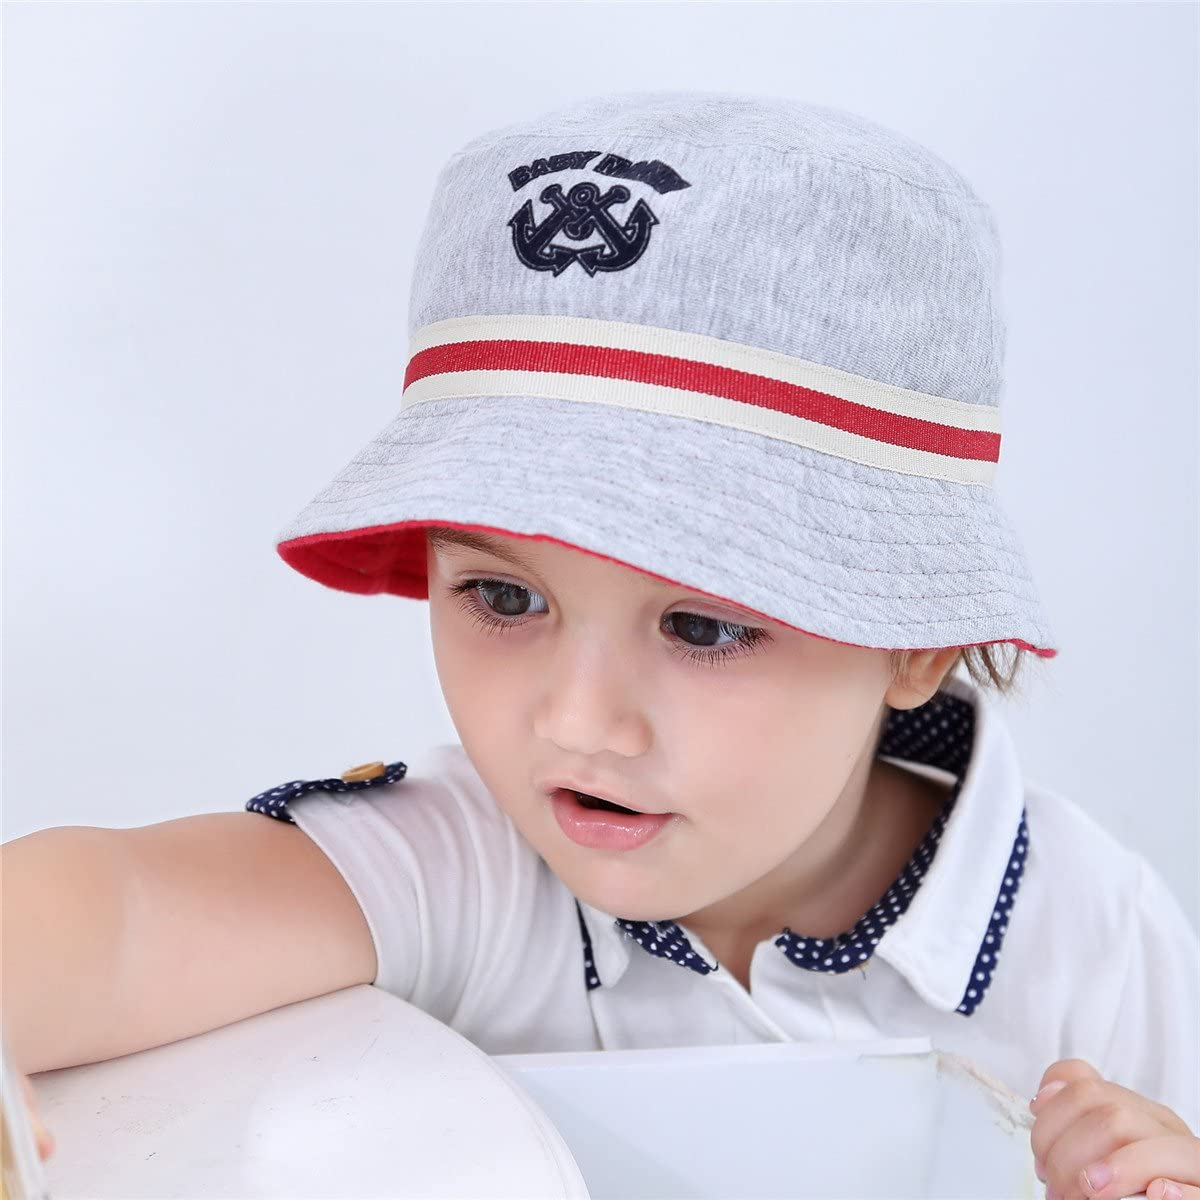 Fancyland Bob de Soleil Anti-UV Chapeau Pur Coton B/éb/é Enfant Gar/çon Printemps Et/é